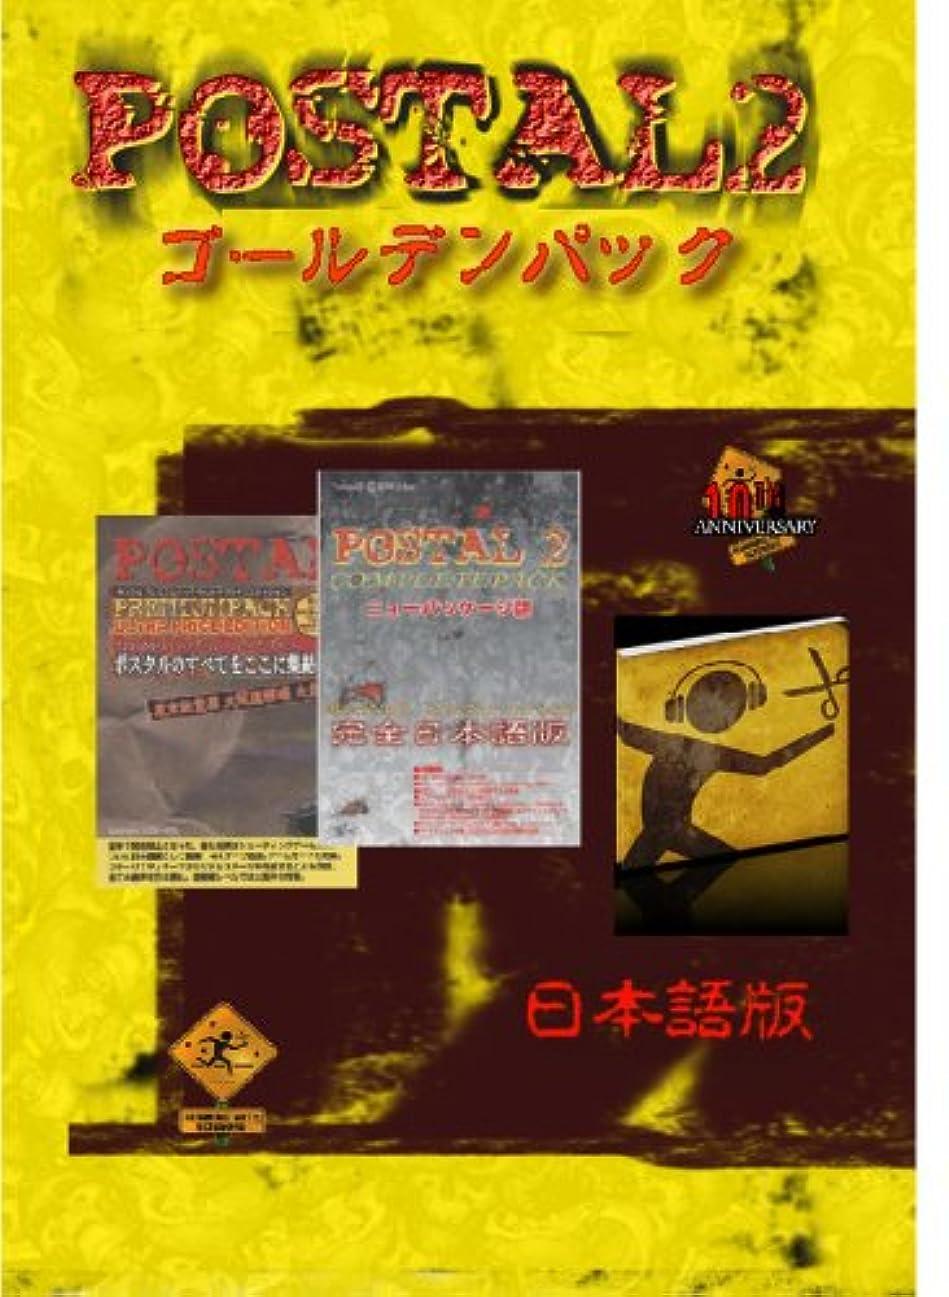 伴う証言する凍ったポスタル2 ゴールデンパック(日本語版) ポスタル10周年記念パック